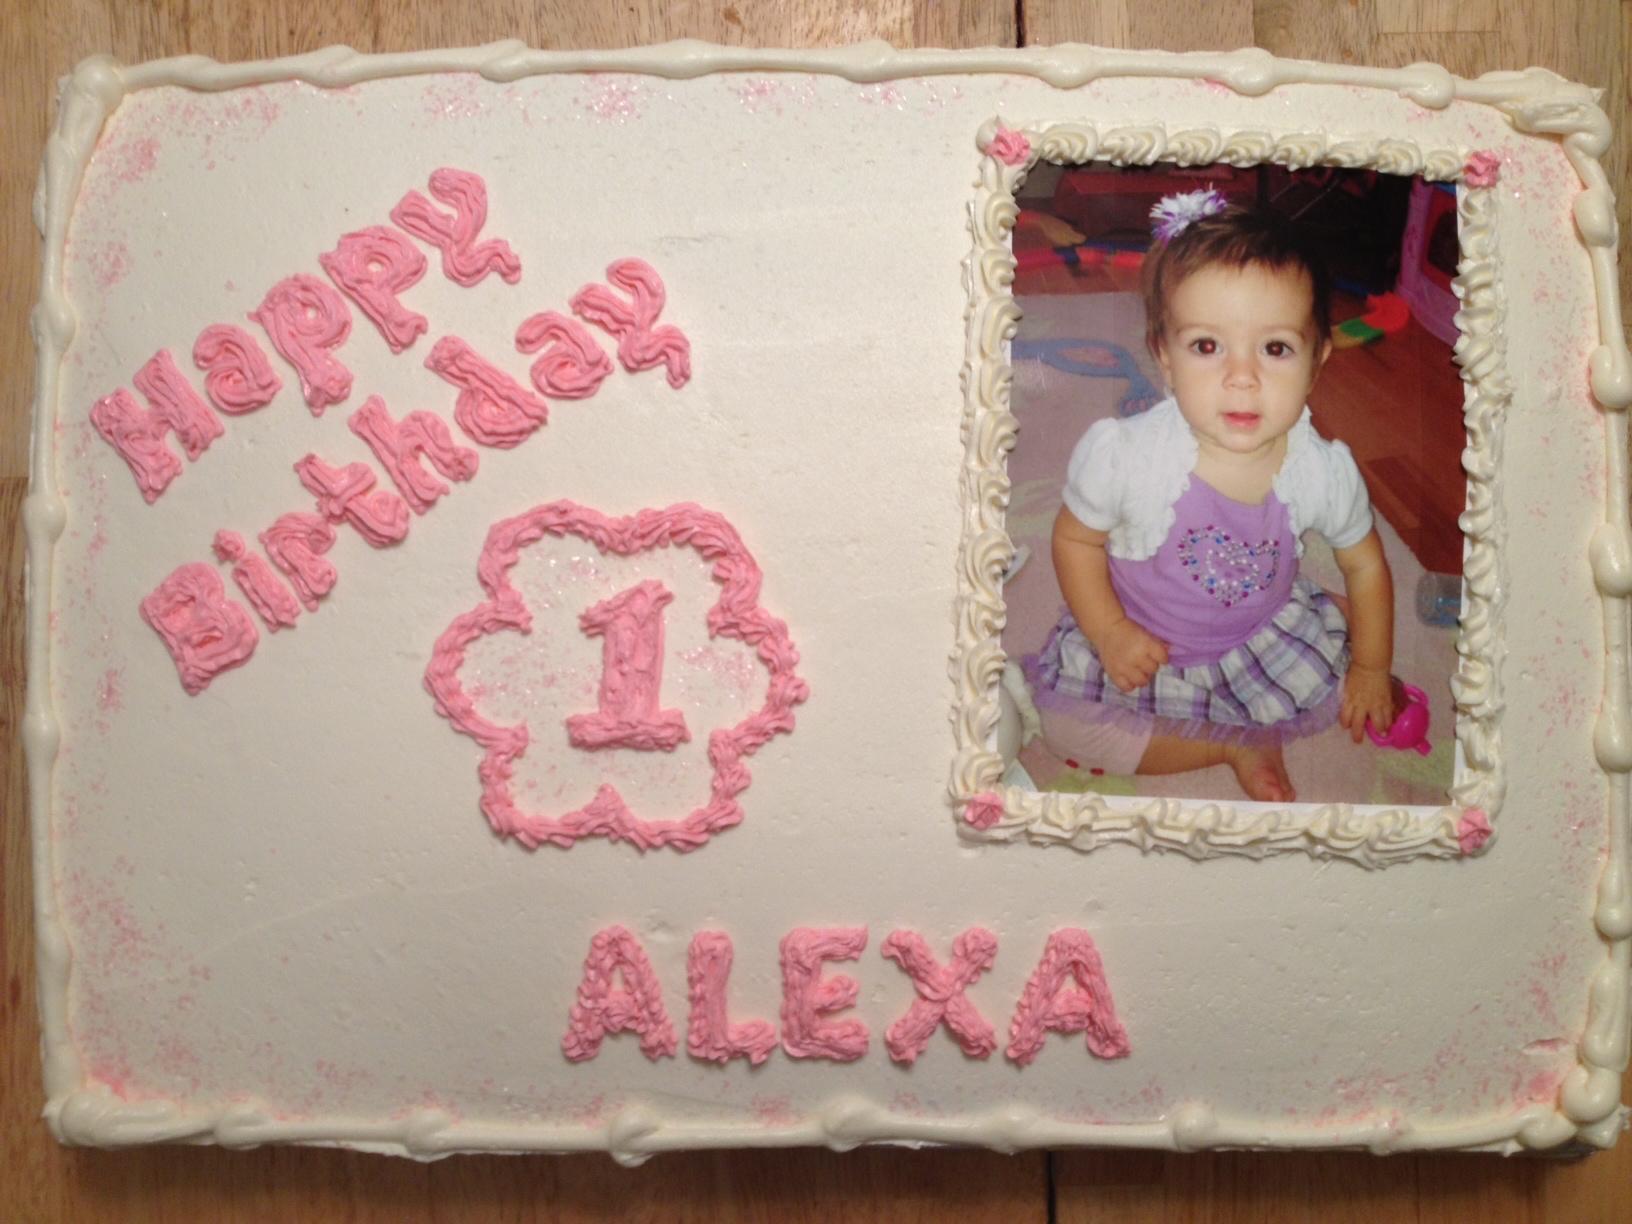 Alexa  1st birthday photo cake  .jpg